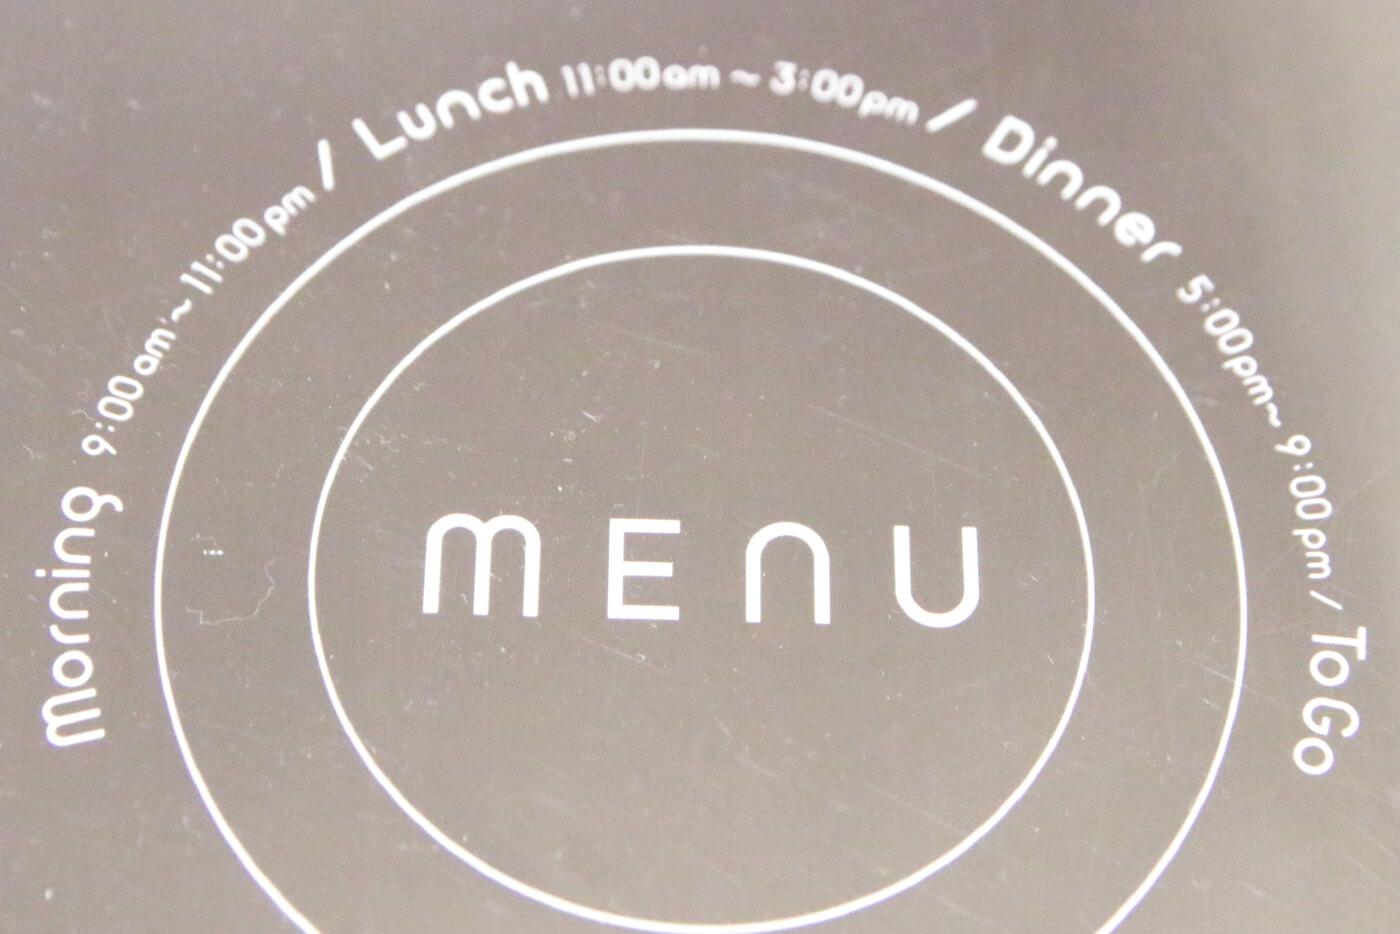 高知・南国市のレストランnoiの営業時間